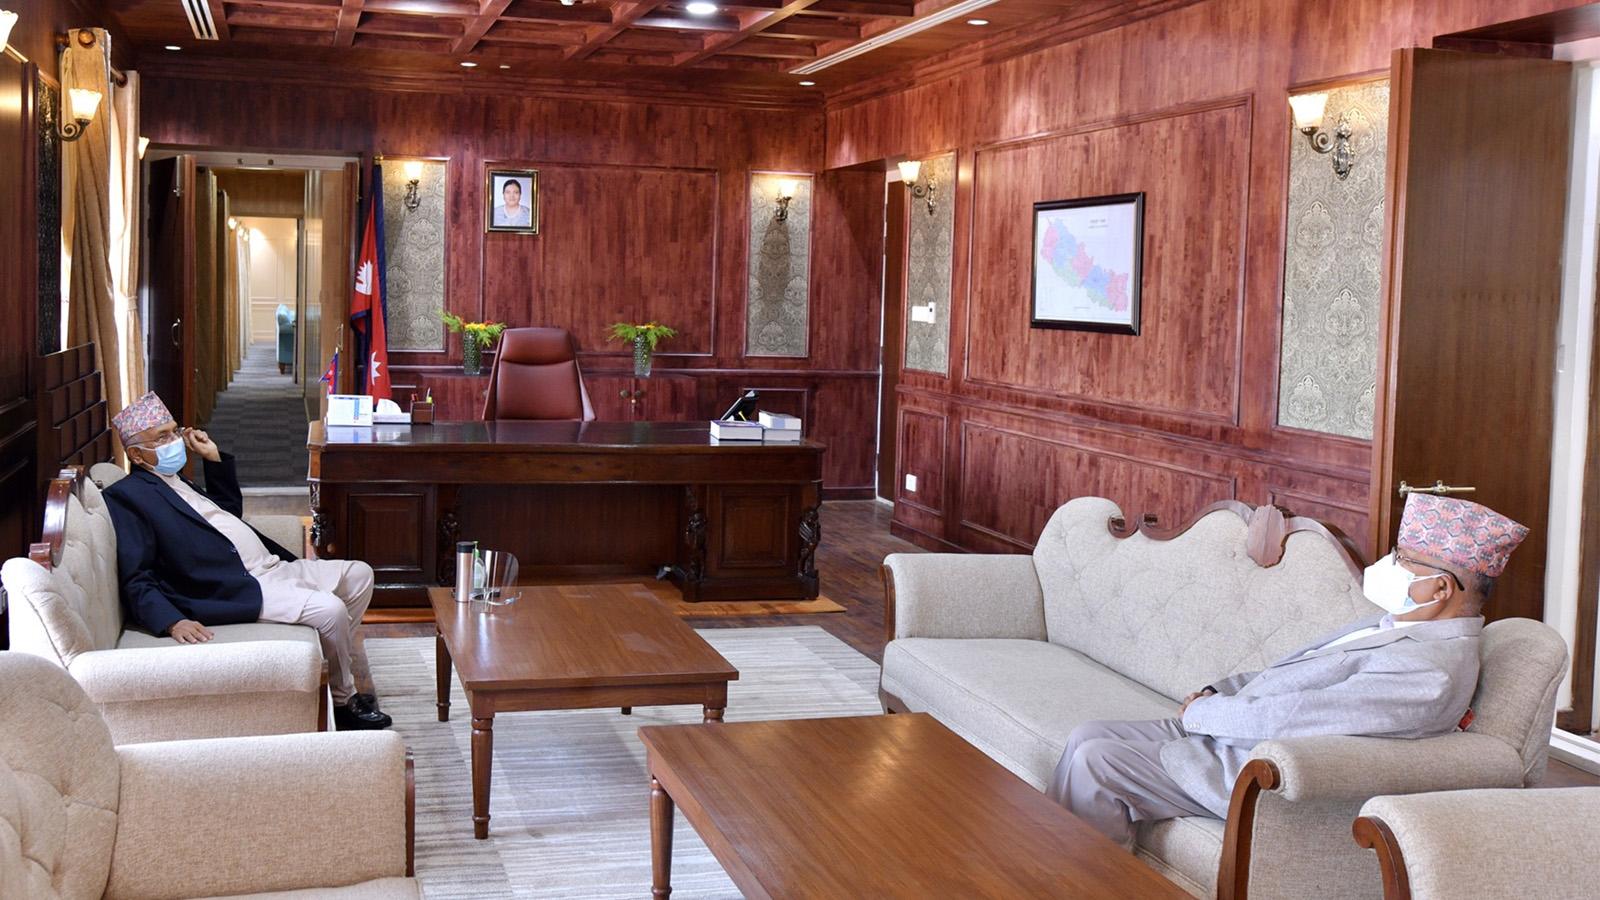 ओली–नेपाल वार्ता सकियो, नेम्वाङ र रावलको संयोजकत्वमा वार्ता समिति गठन